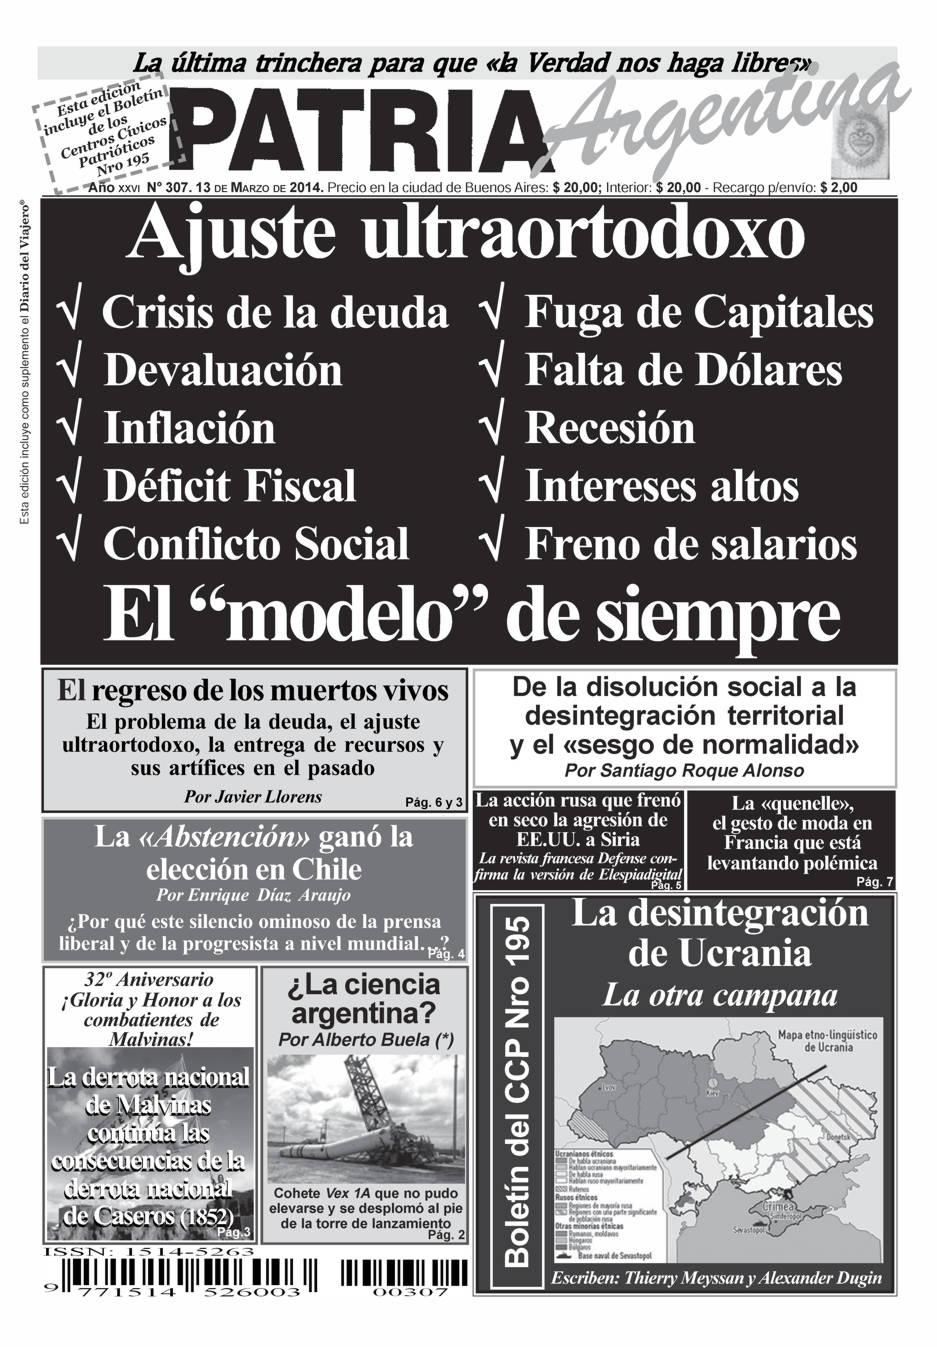 Periódico – Patria Argentina de Marzo de 2014 – Número 307 – Año XXVII